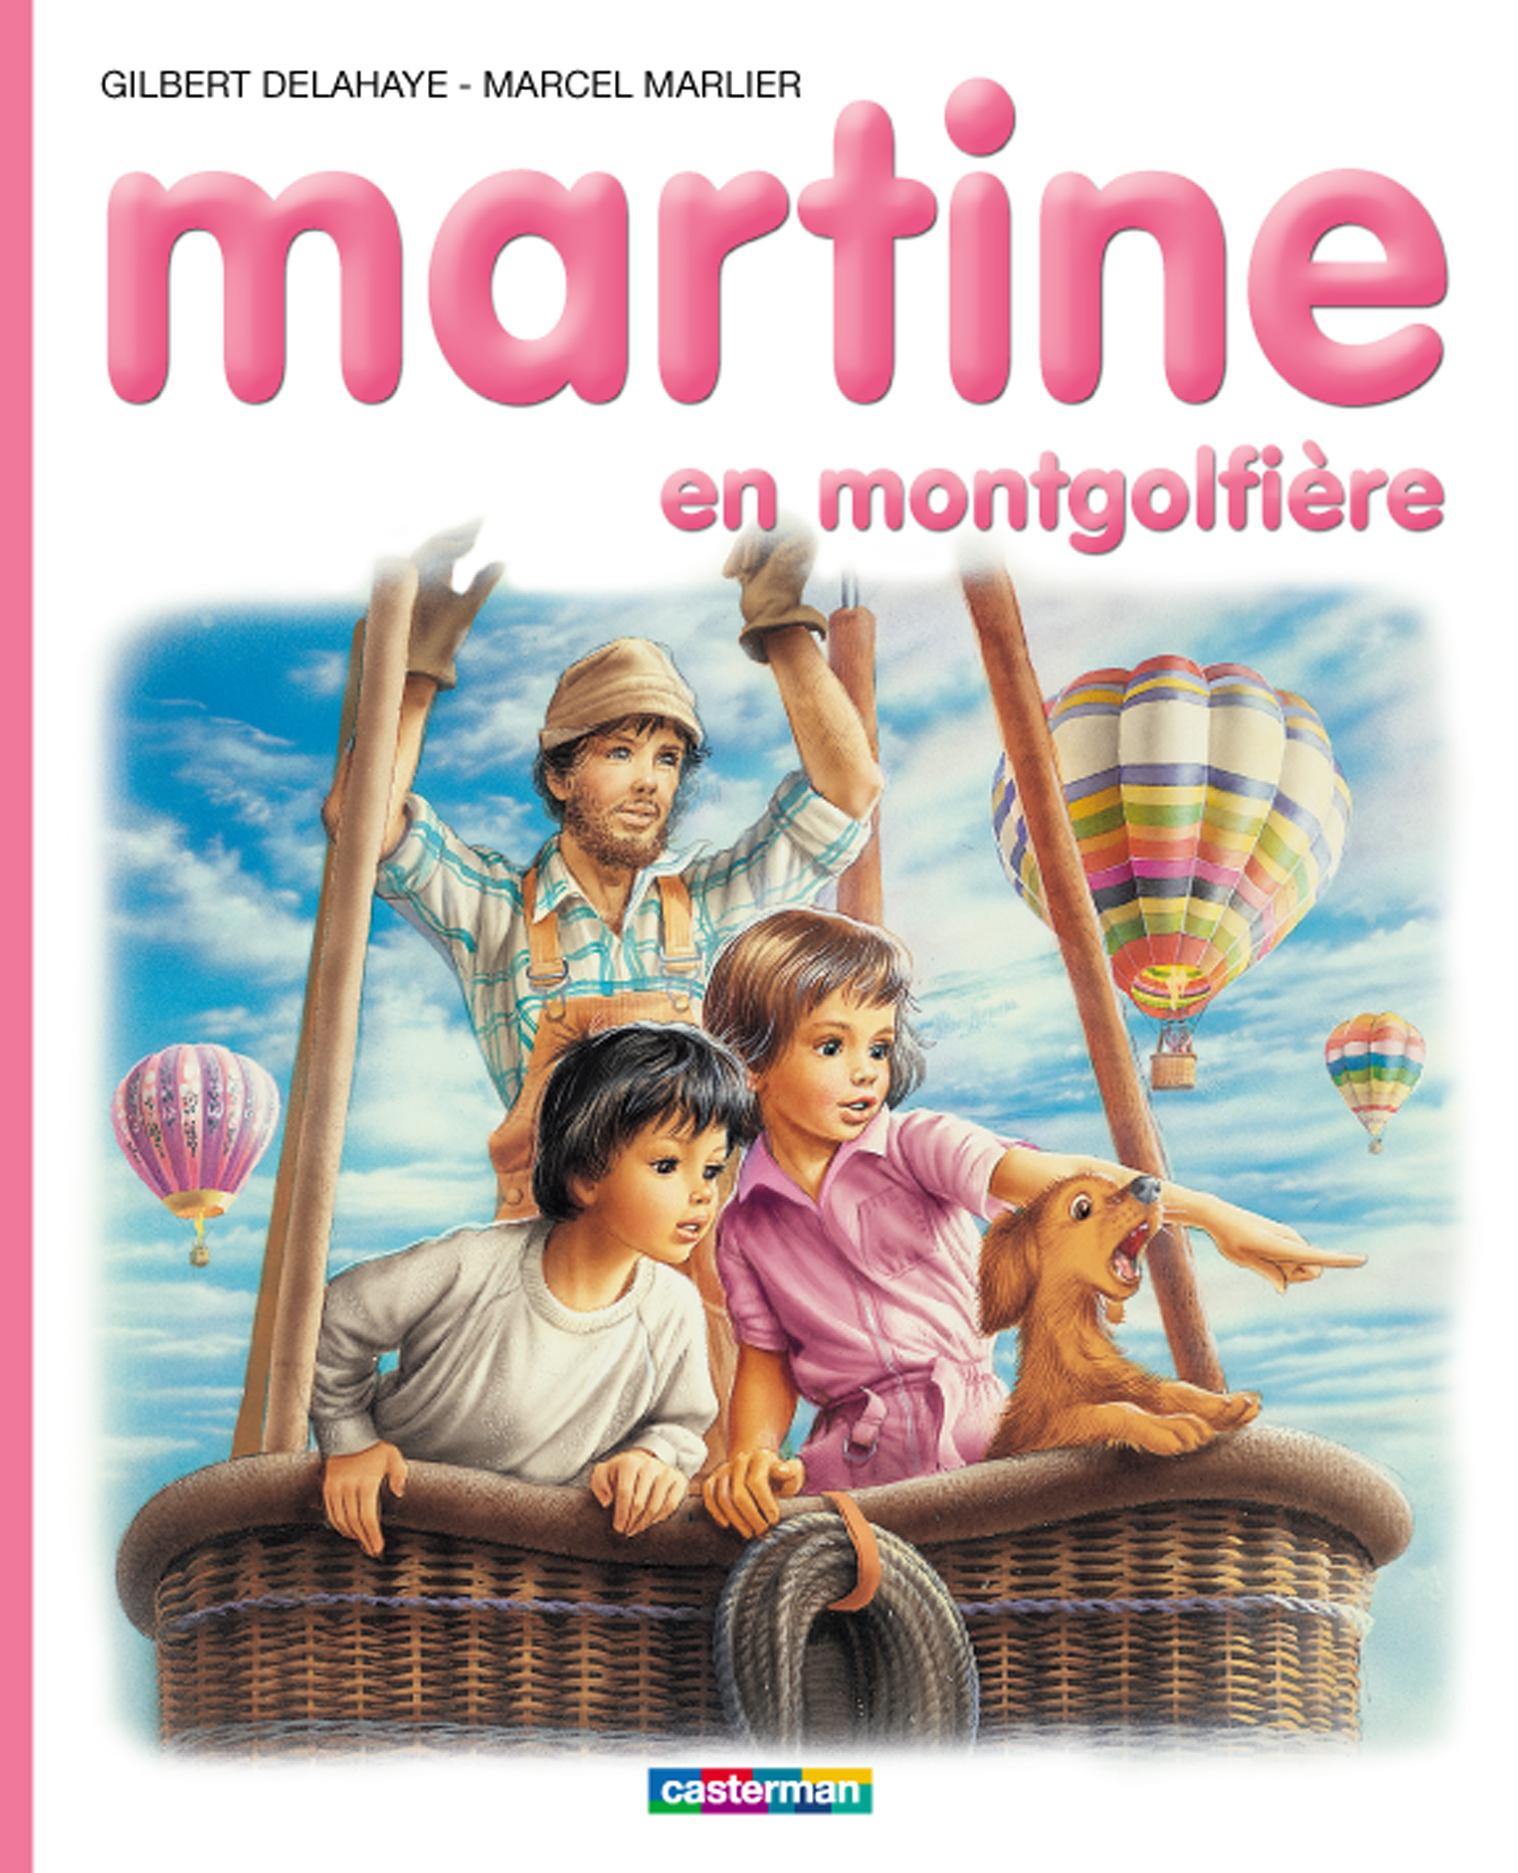 Martine en montgolfière